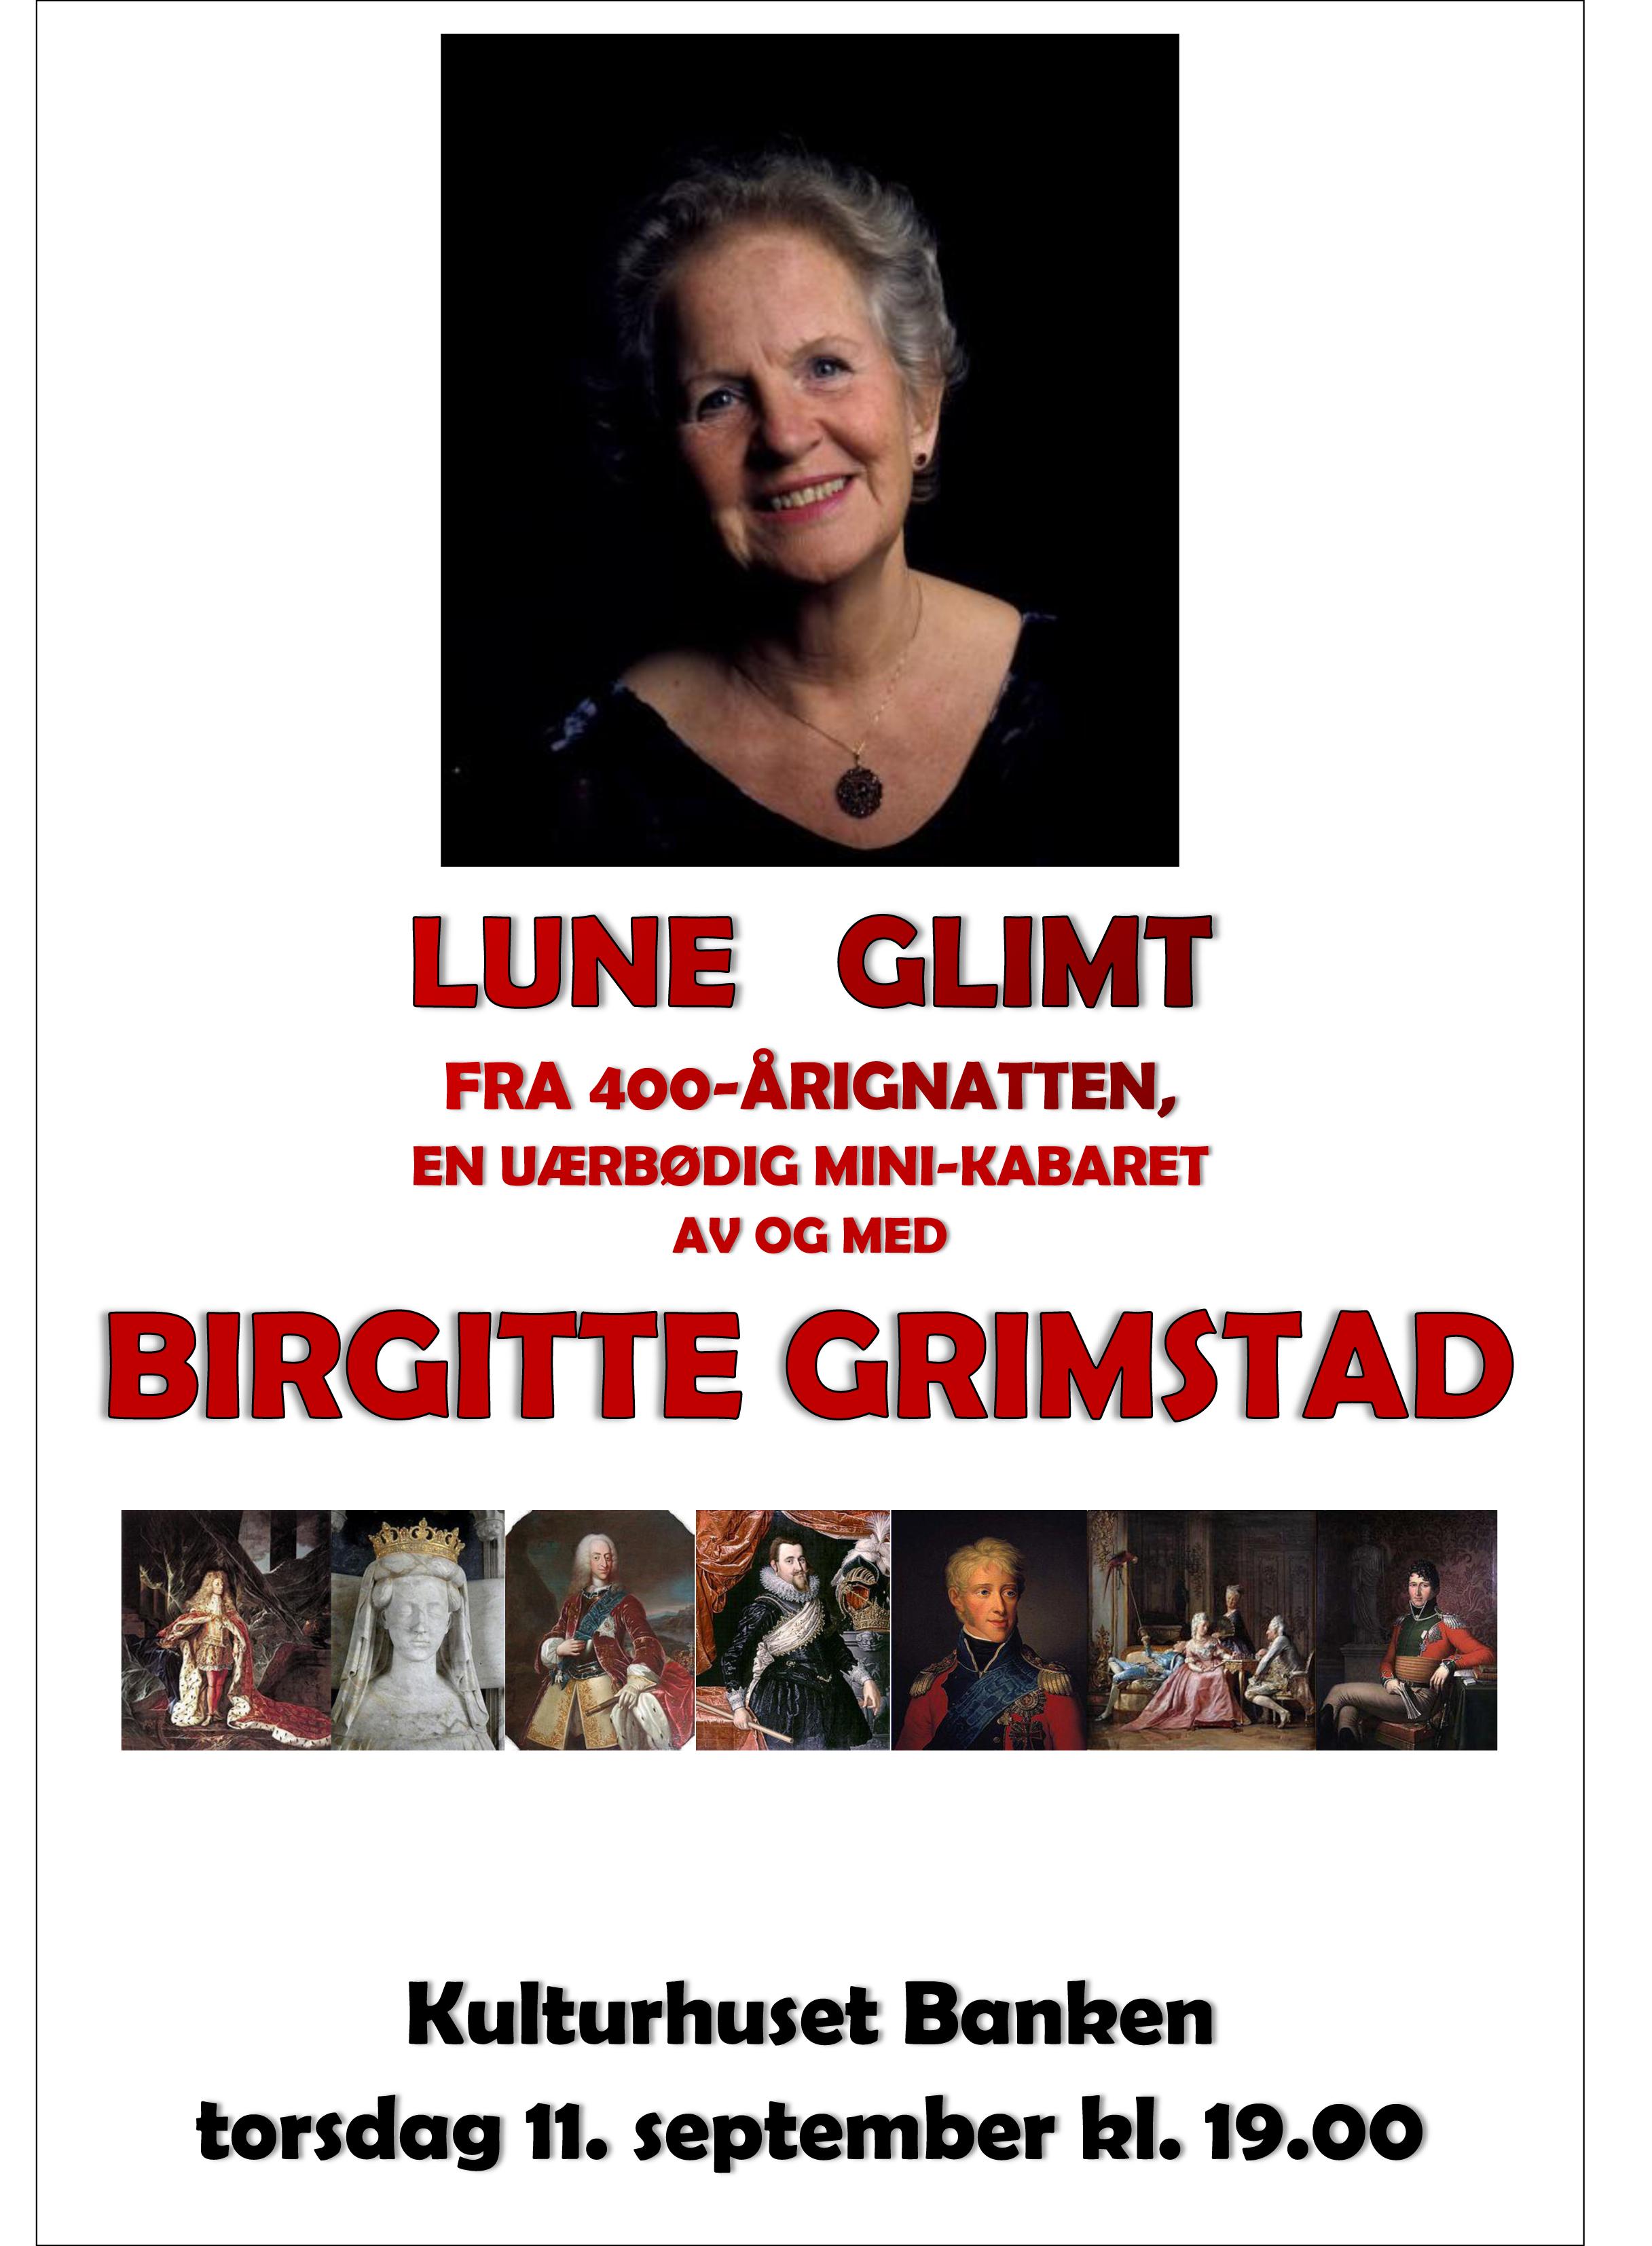 PLAKAT Birgitte Grimstad.jpg